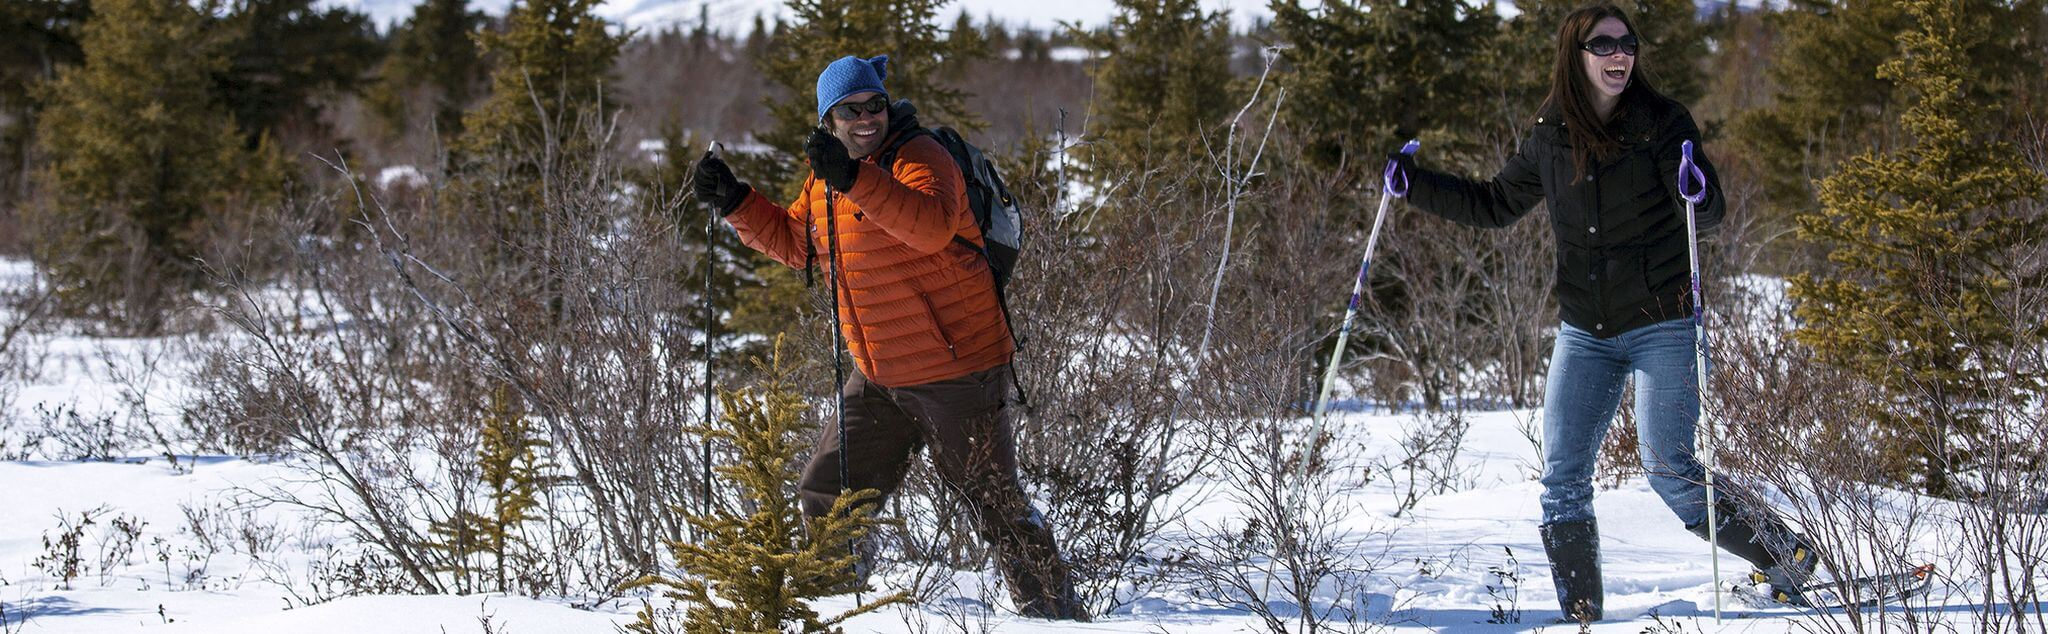 Snowshoeing in Senterada